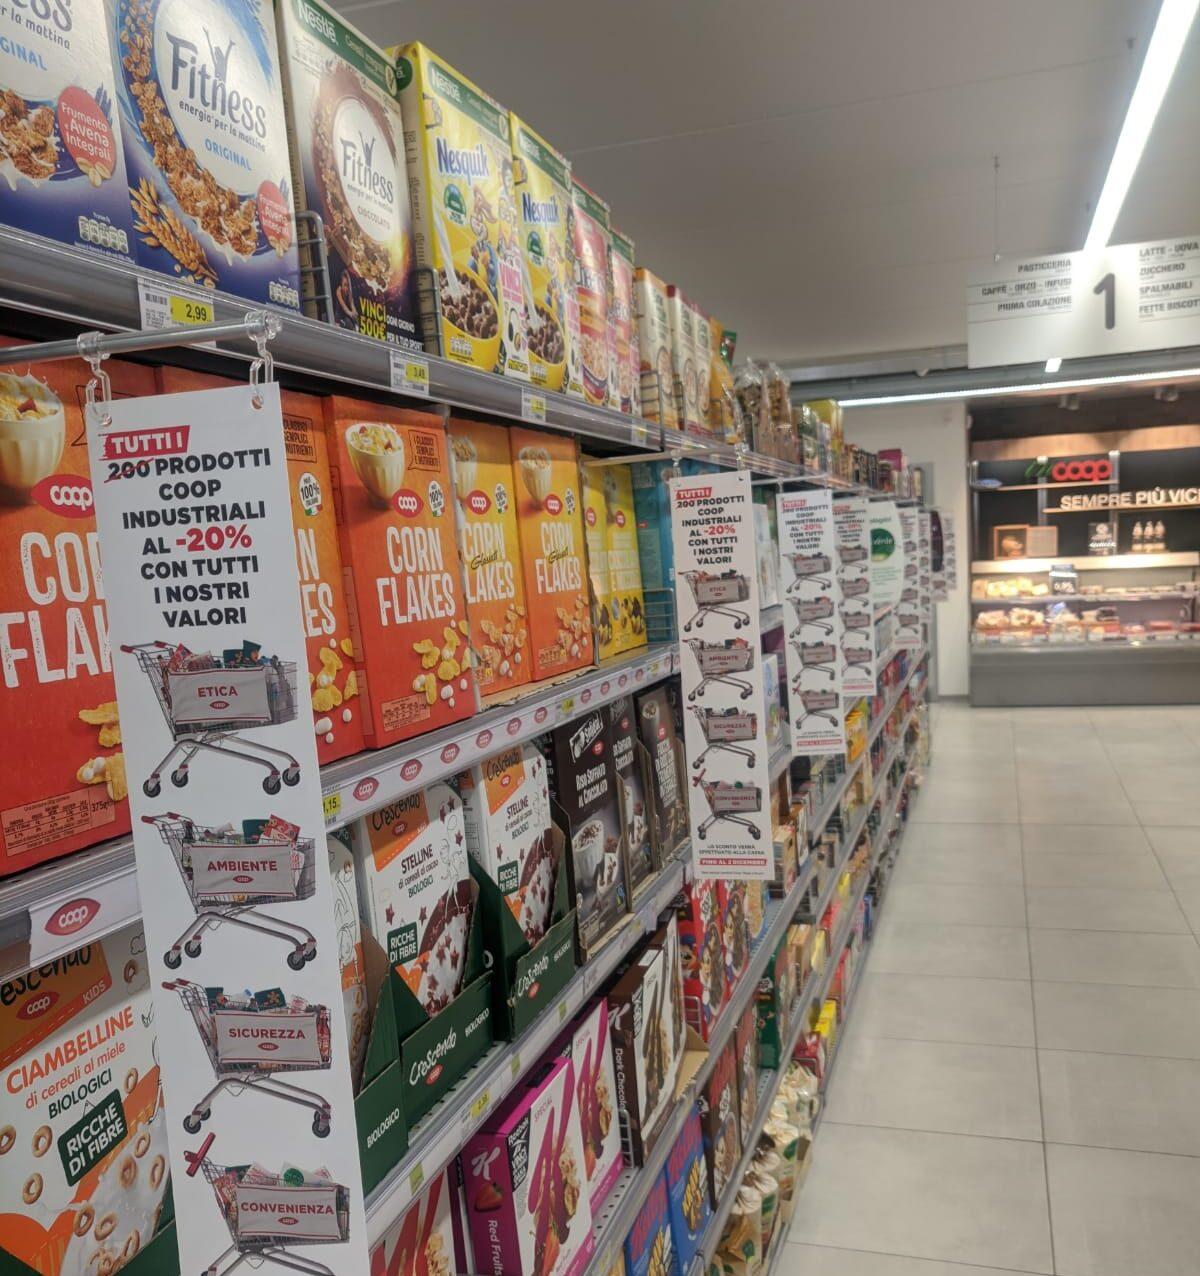 COOP Centro Italiae superconti ancora di più al fianco delle famiglie: scontati tutti i prodotti coop industriali in assortimento